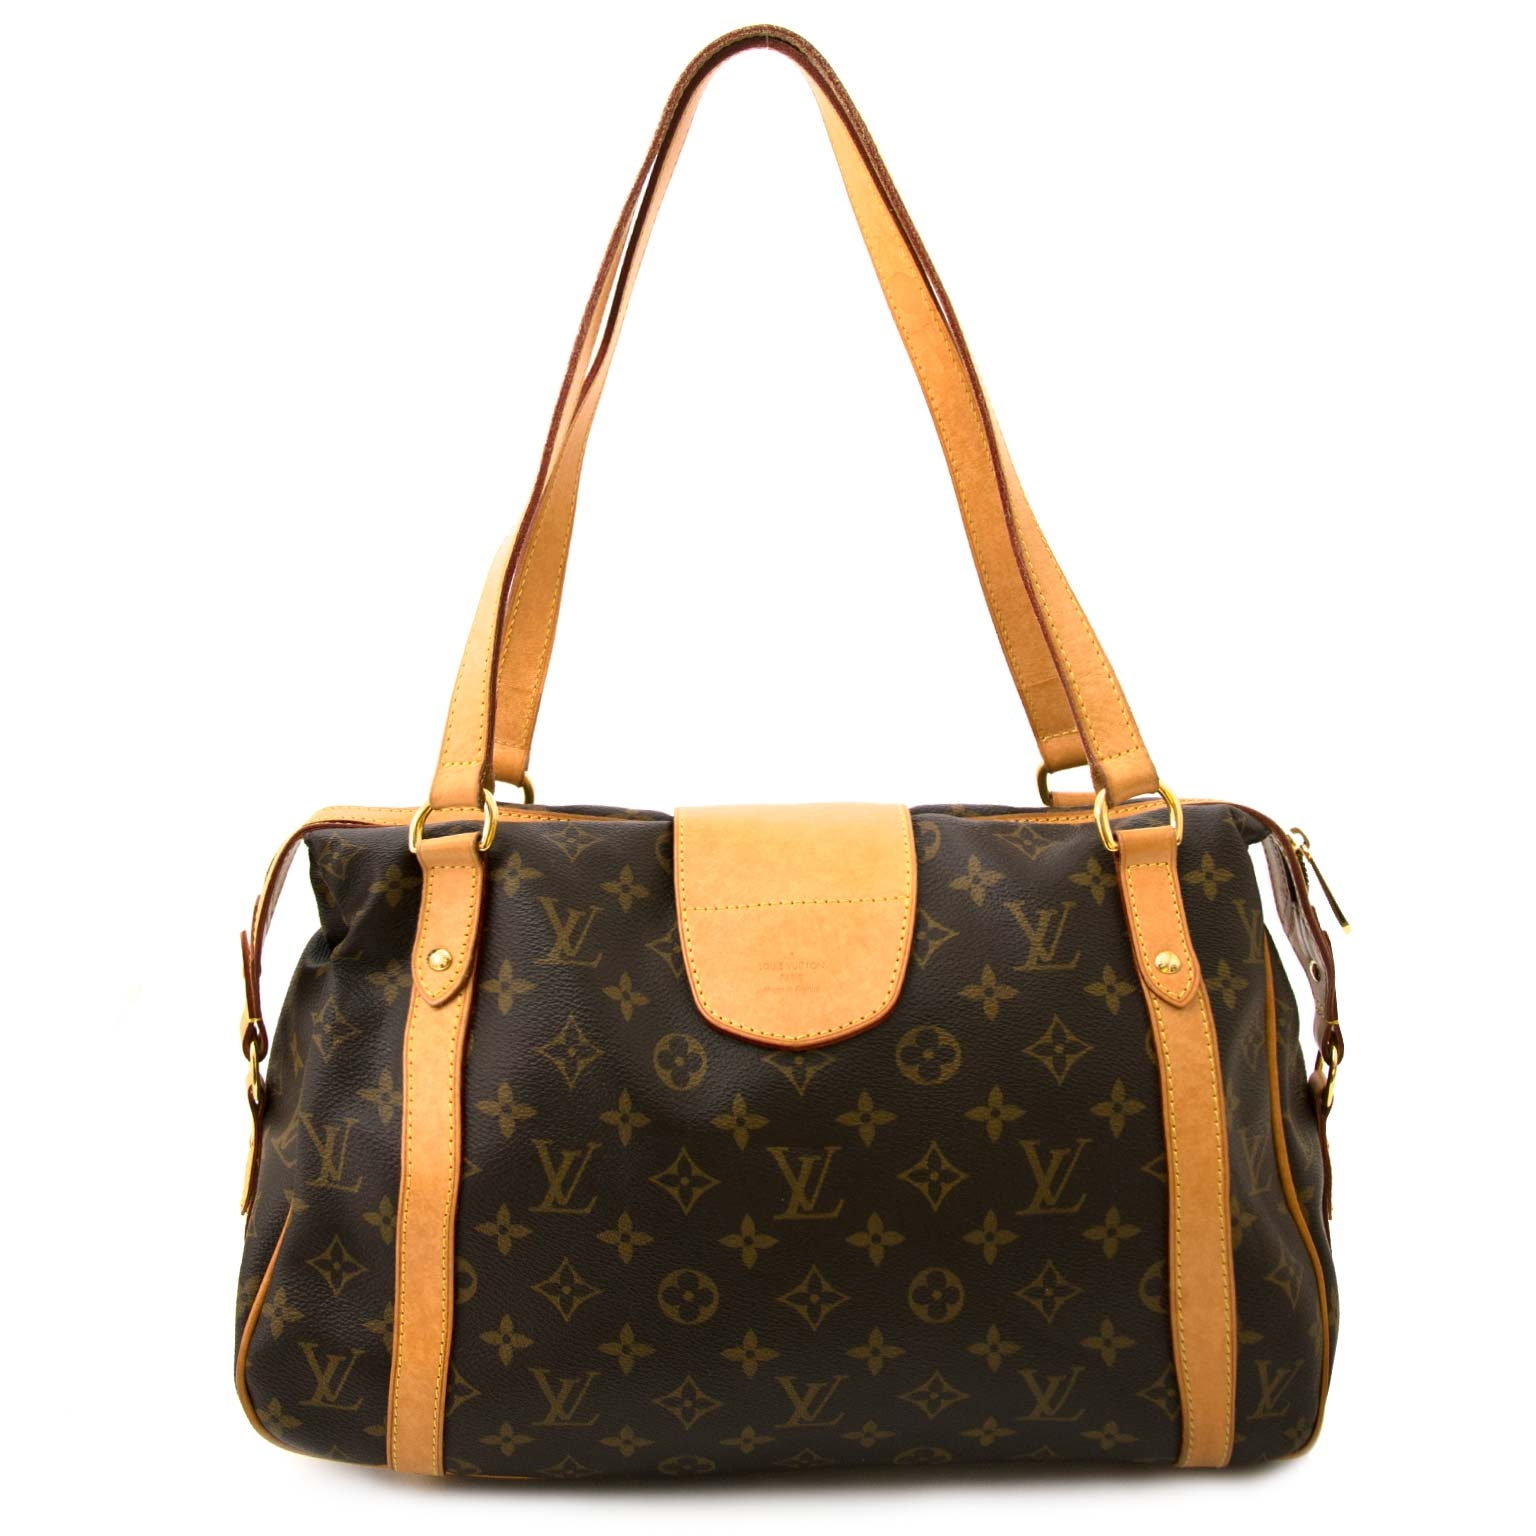 d902ec516a46 Labellov Buy safe Delvaux designer vintage online. Vind tweedehands ...